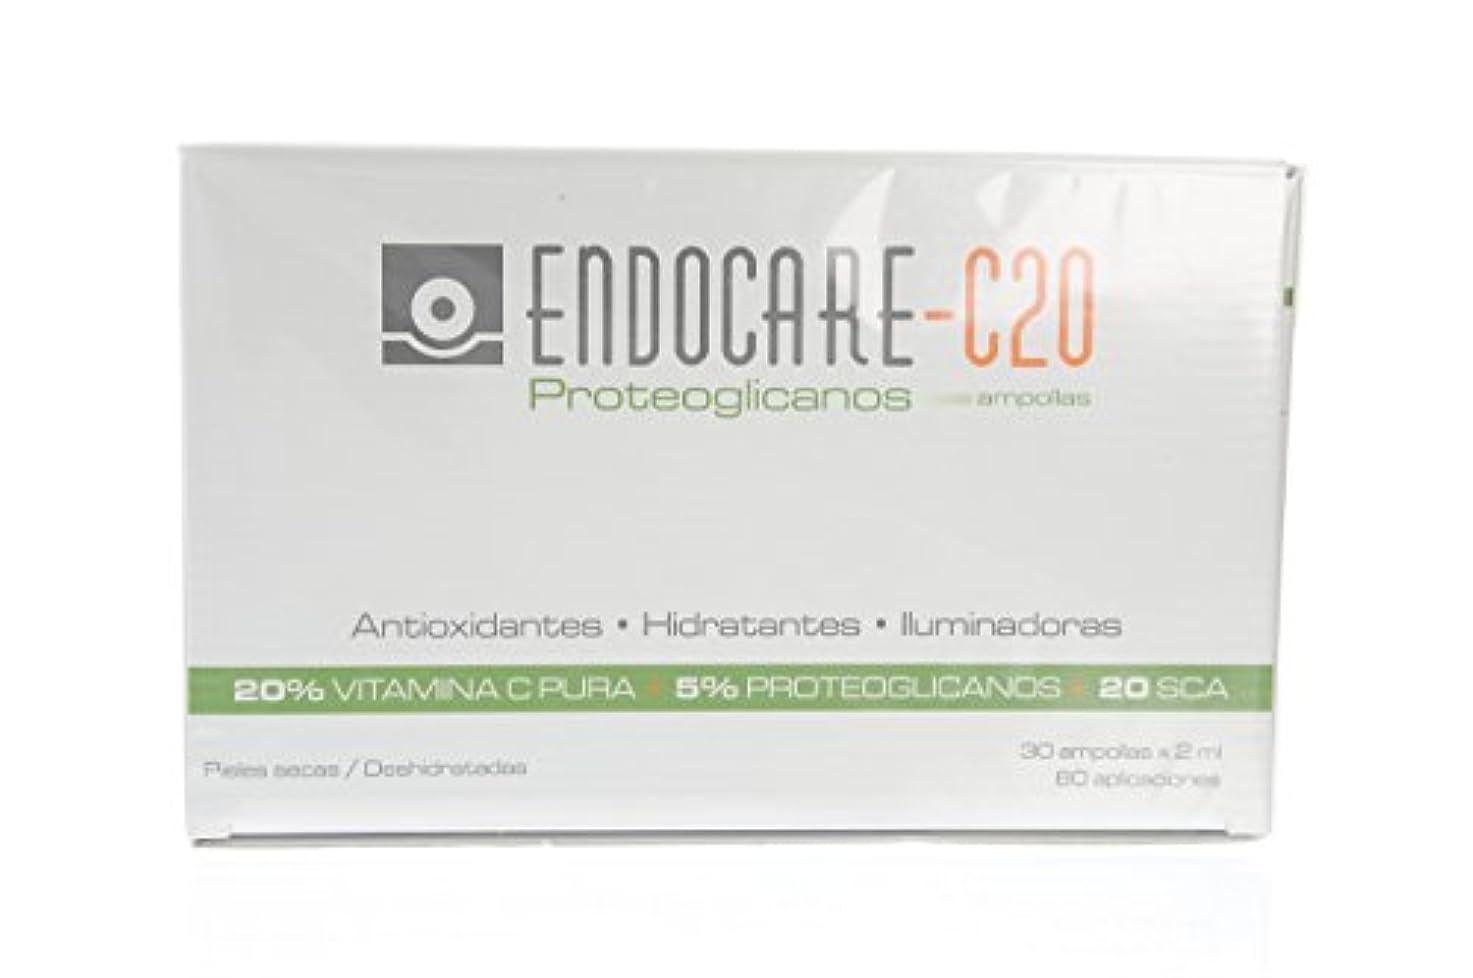 匹敵します一般的に想像力ENDOCARE-C20 Proteoglicanos Ampollas 30x2ML